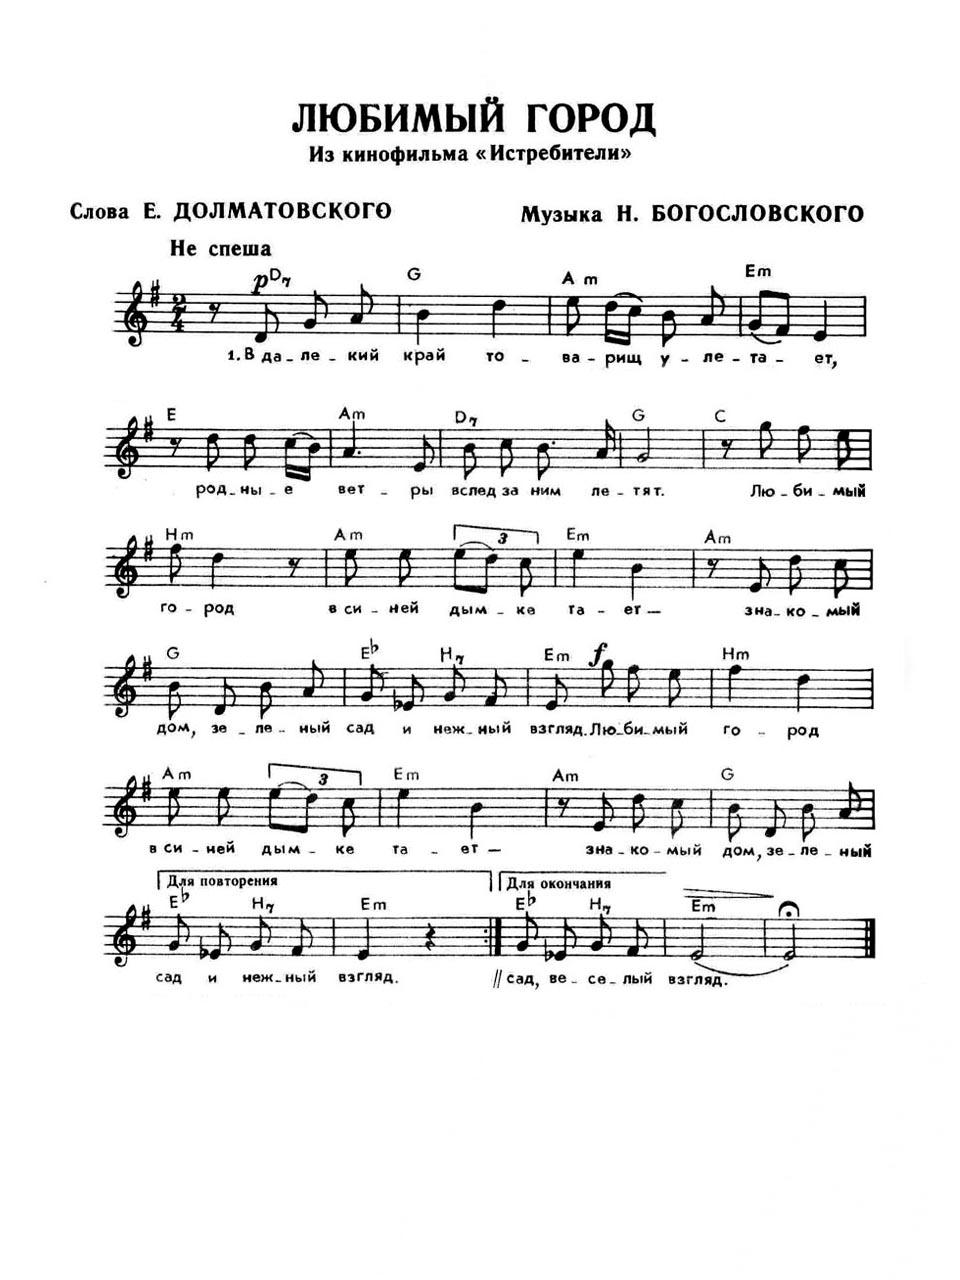 Н. Богословский, Е. Долматовский. Любимый город. Ноты для голоса и аккорды